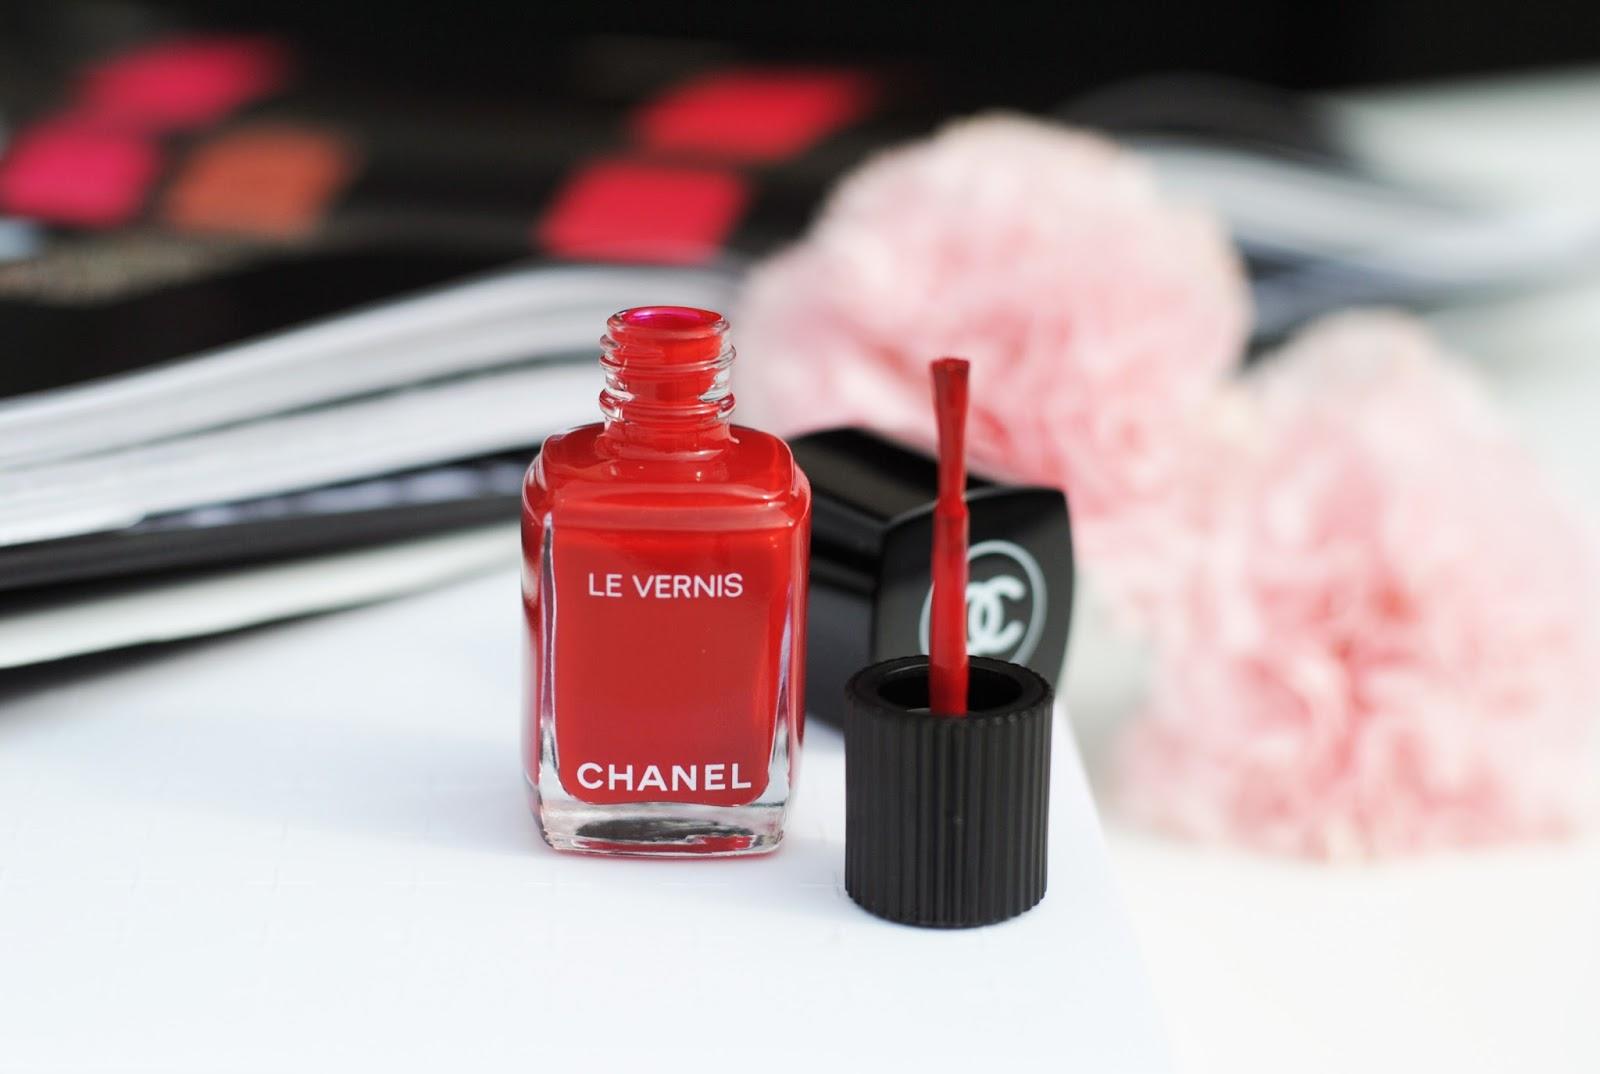 Как выбрать оттенок лака для ногтей в коллекции Chanel?